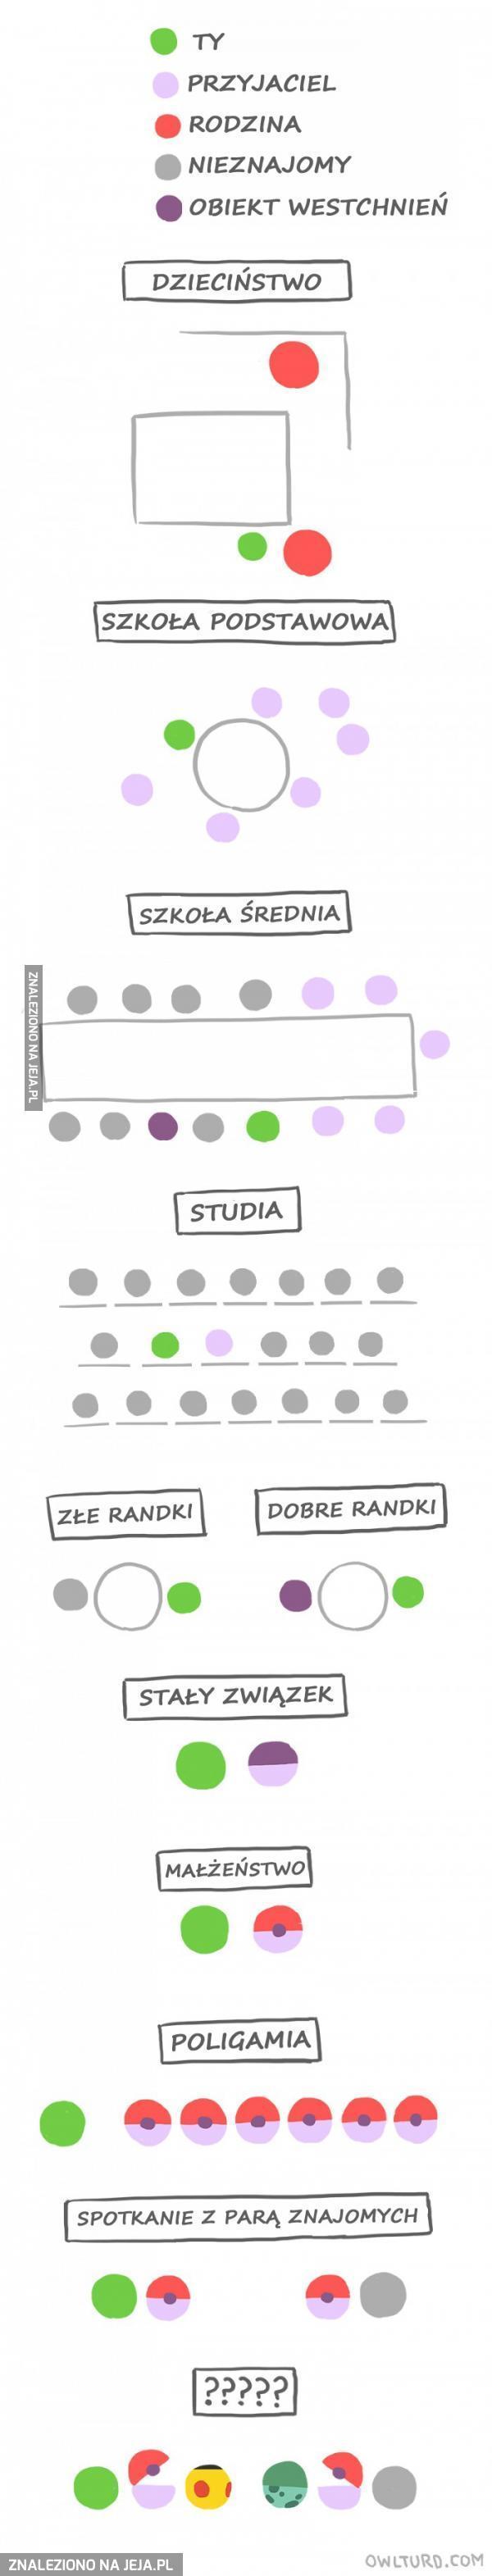 Życie w prostym schemacie